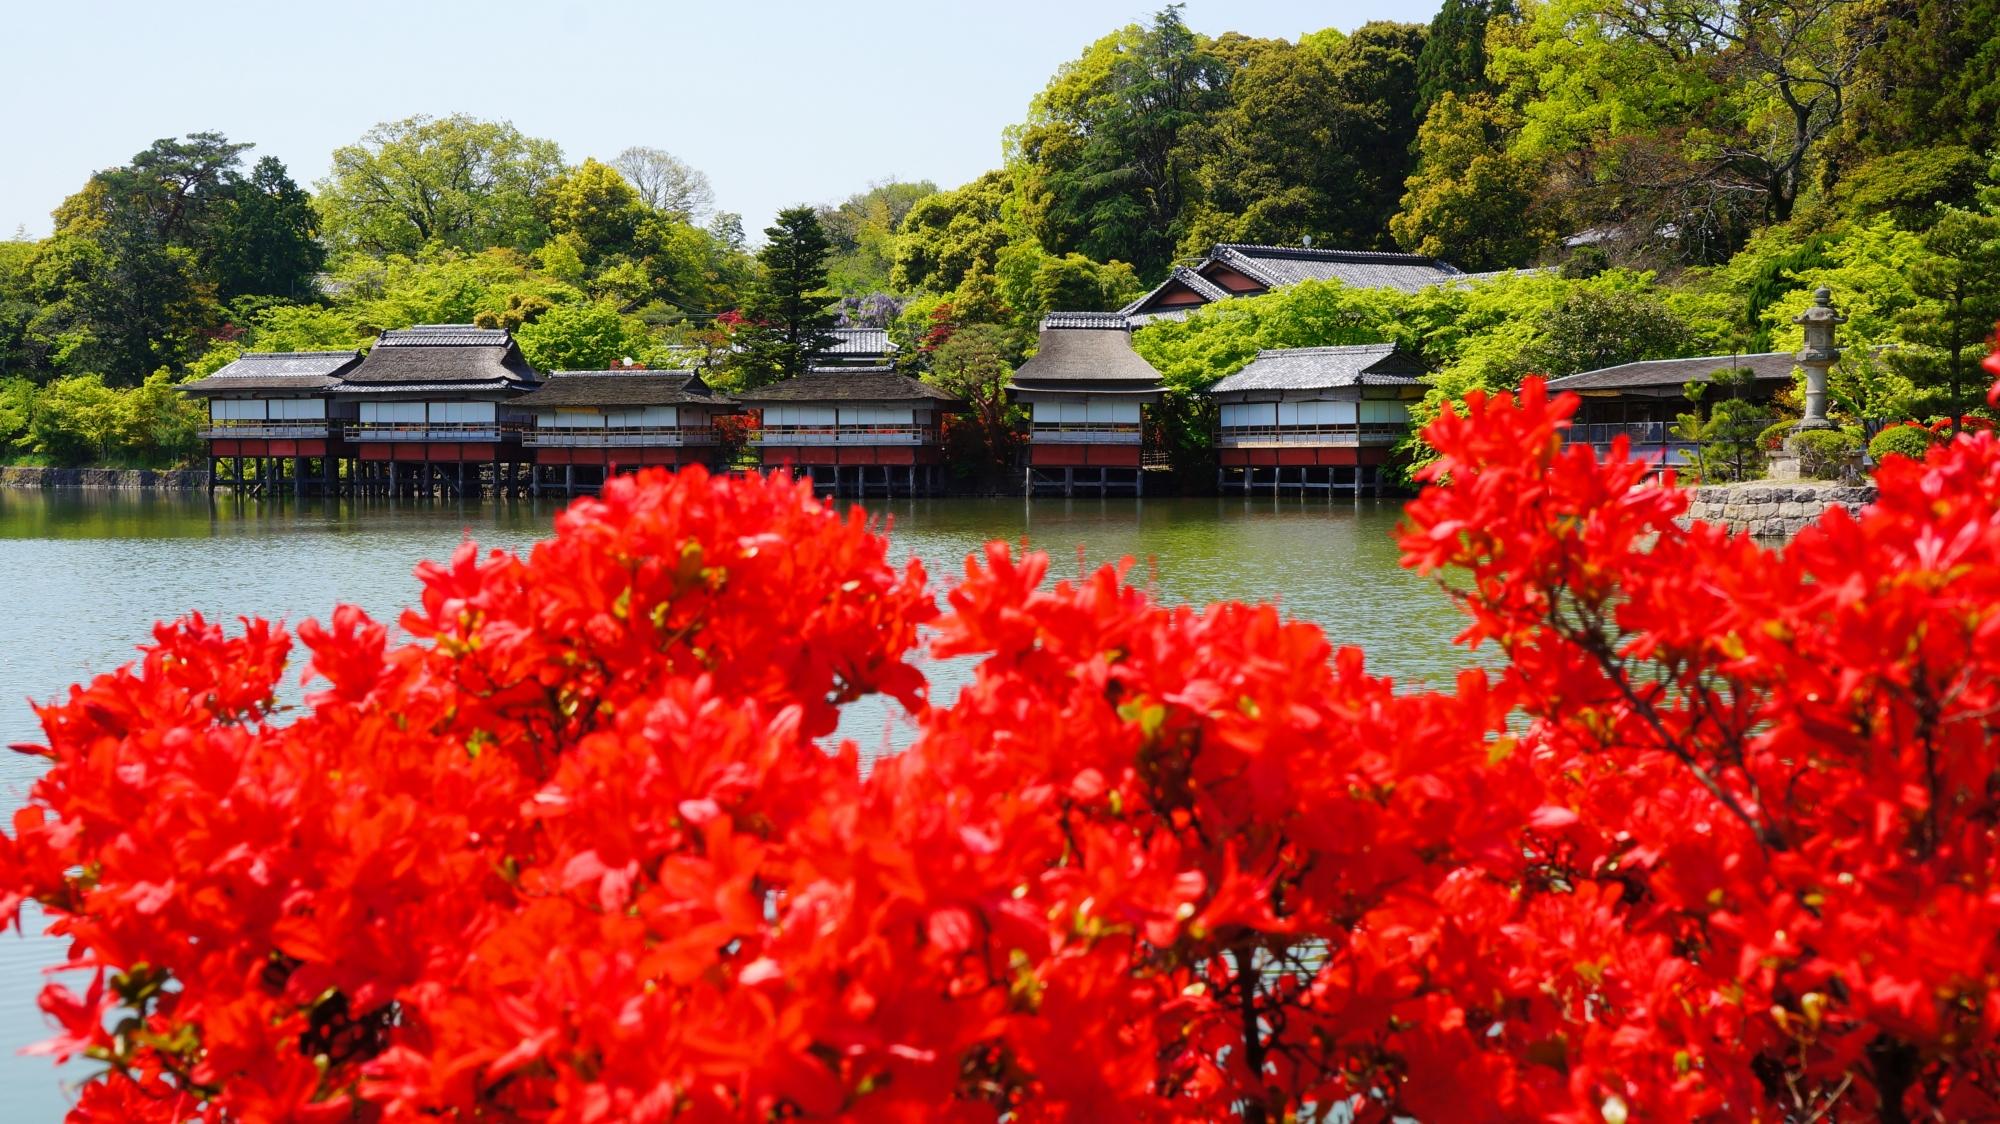 八条ヶ池の絵になる春の華やかな景色